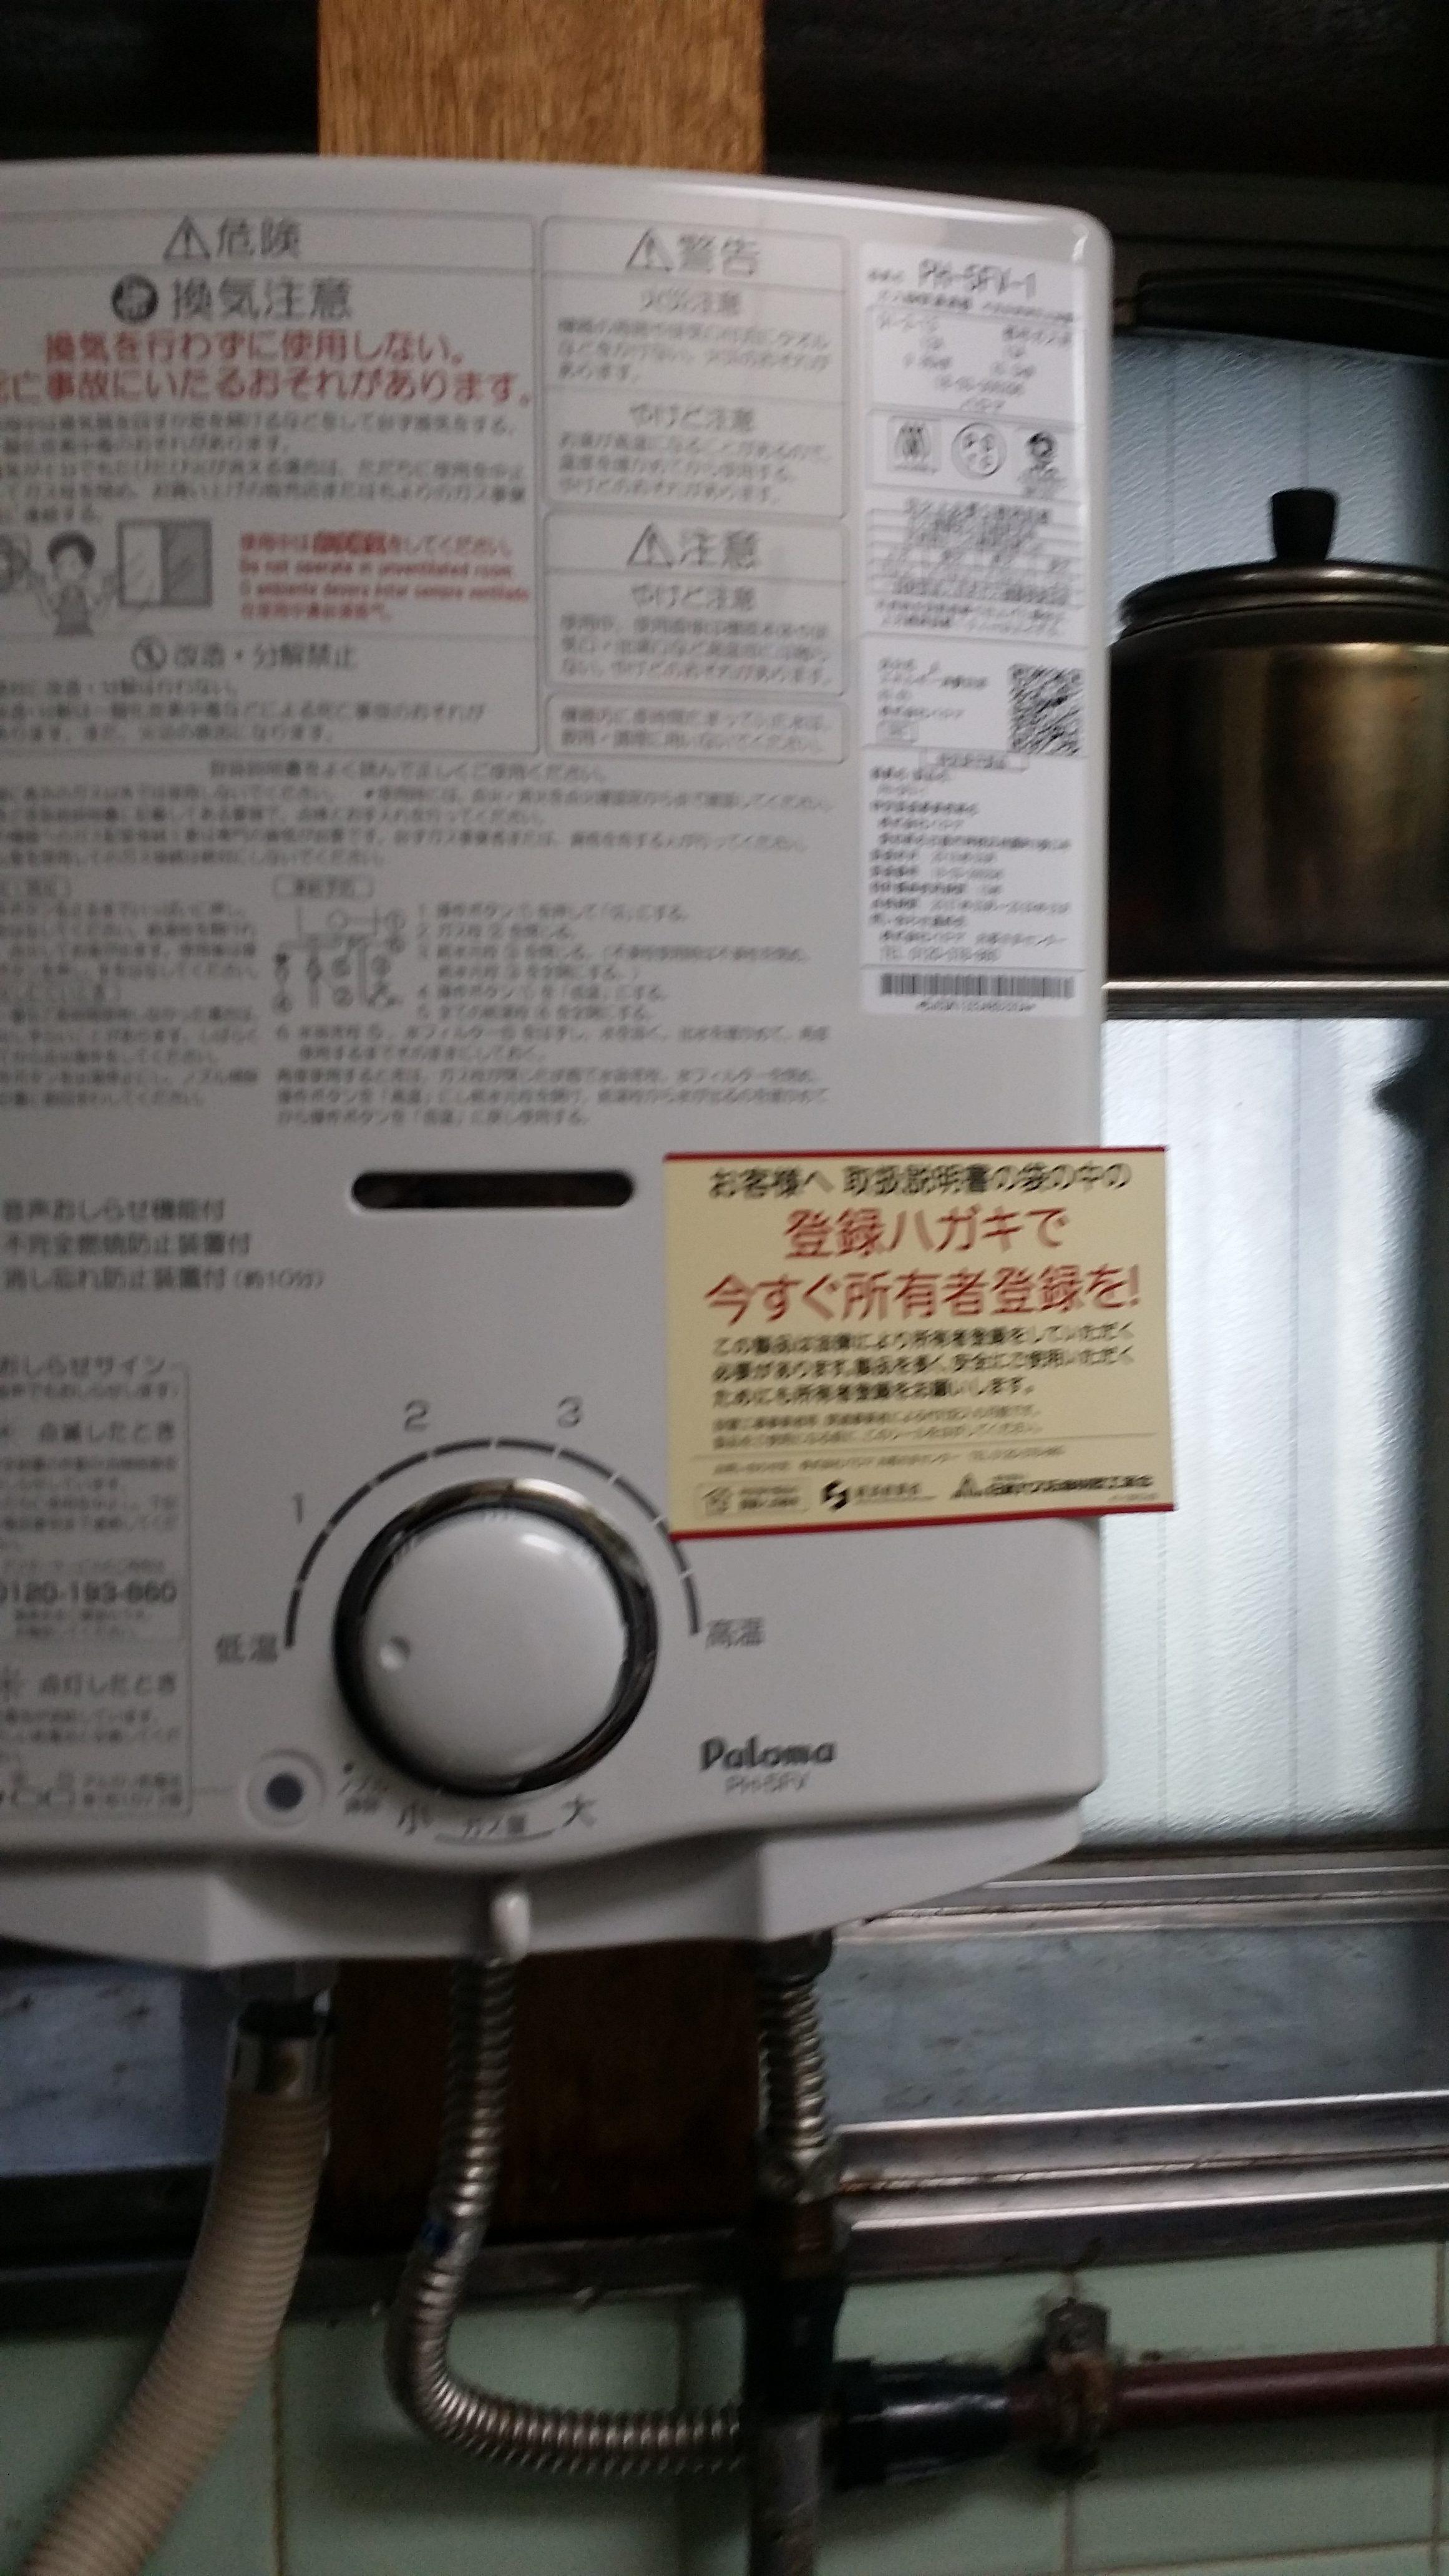 今回は新宿弁天町の現場でした。東京ガスの湯沸かし器をパロマパロマPH-5FVの湯沸かし器に取り替えました。先止め式です。